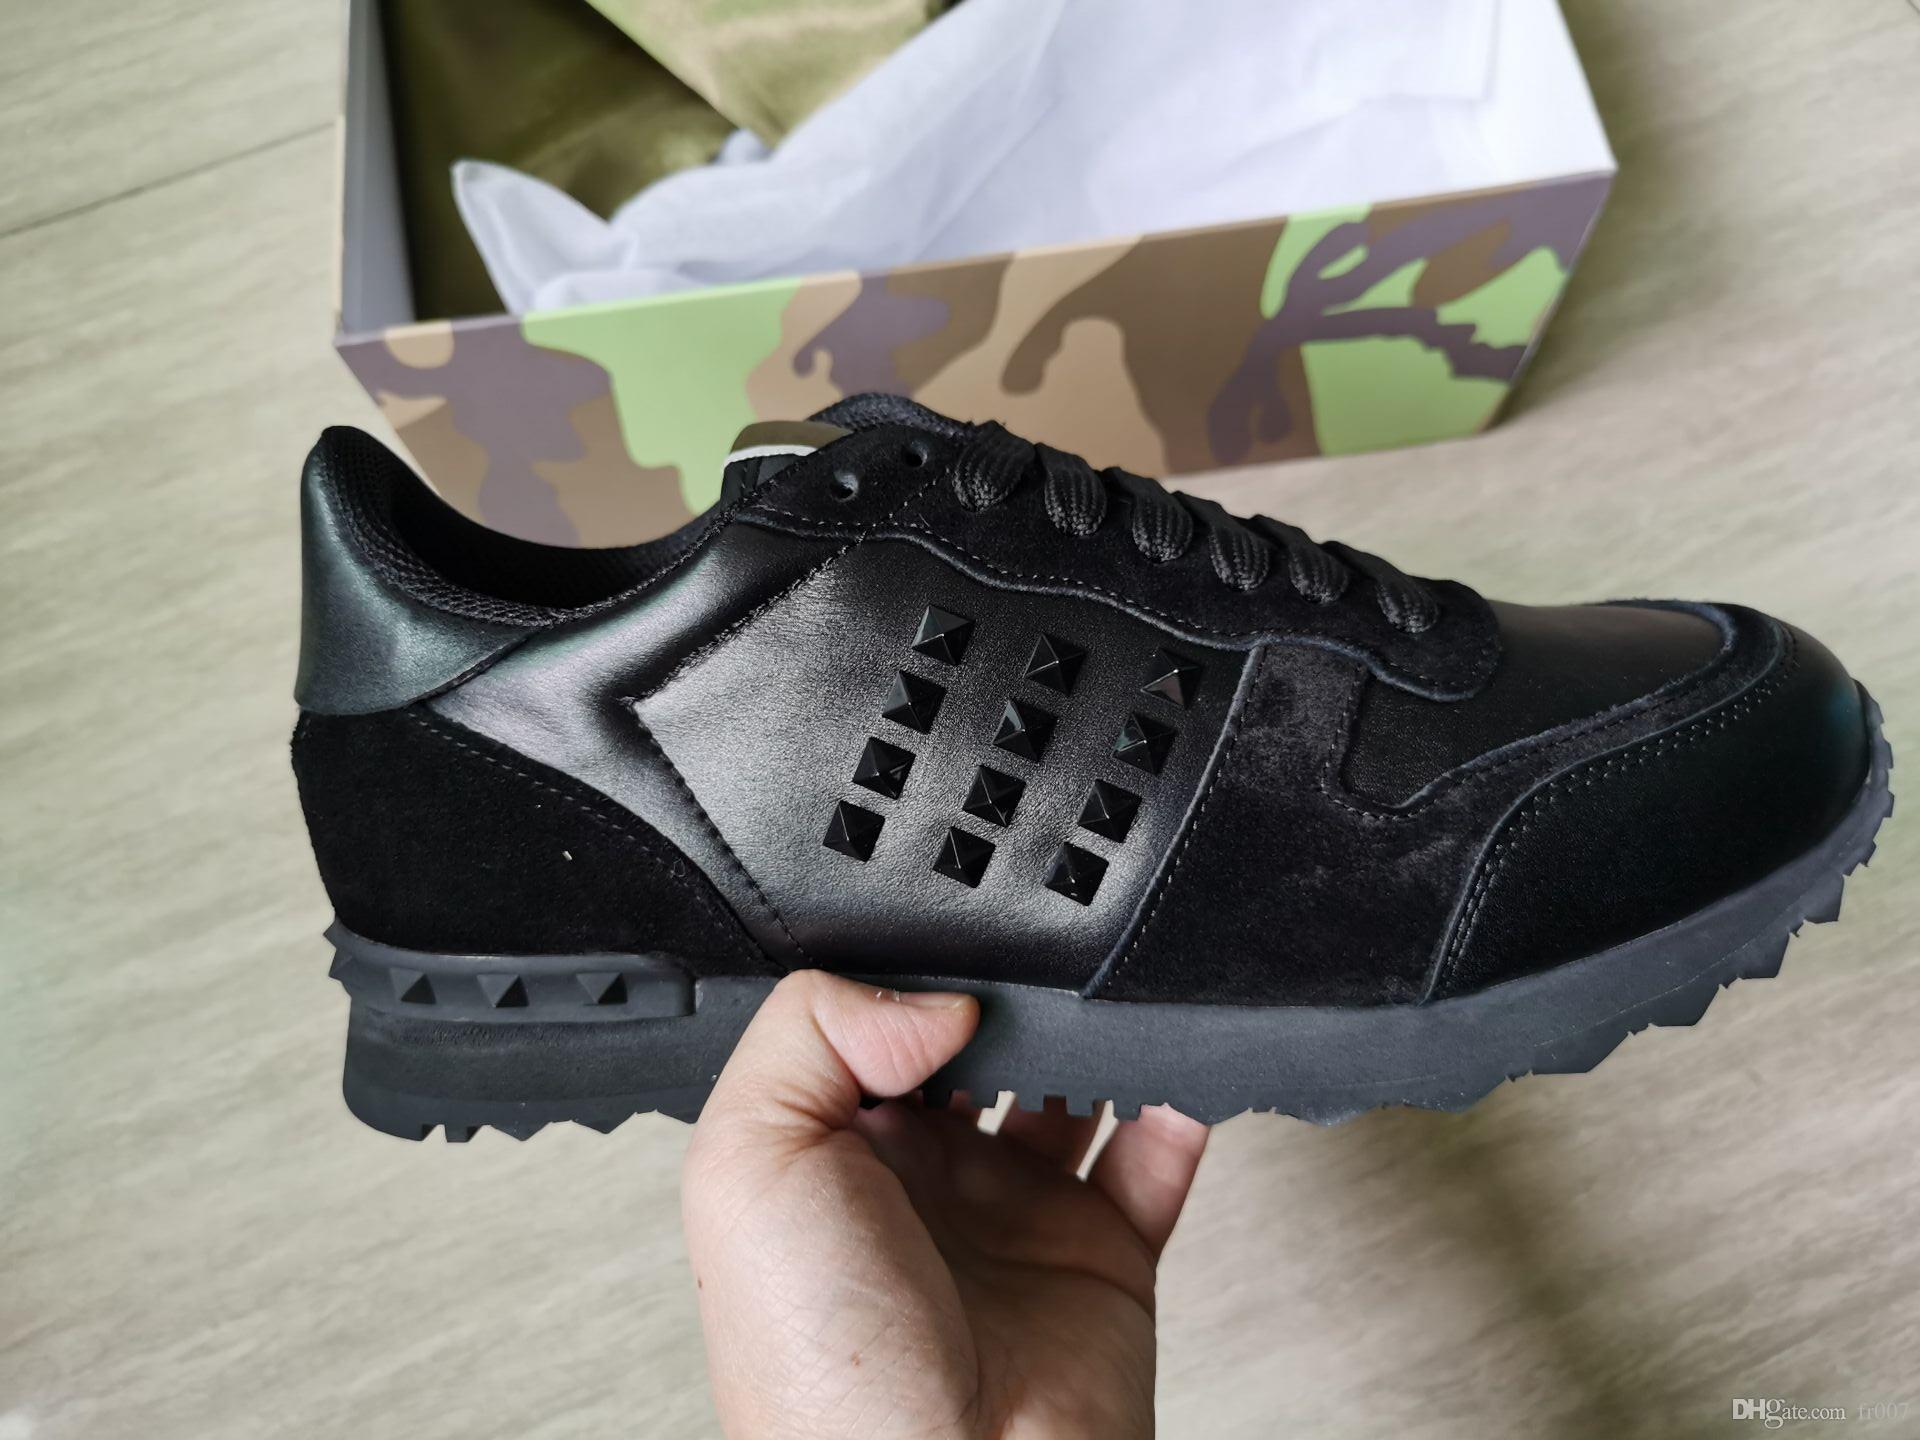 Stud Rockrunner Camouflage addestratori Designer scarpe rete vera pelle Combo roccia scarpe da tennis per gli uomini donne scarpe casuali suola di gomma con la scatola